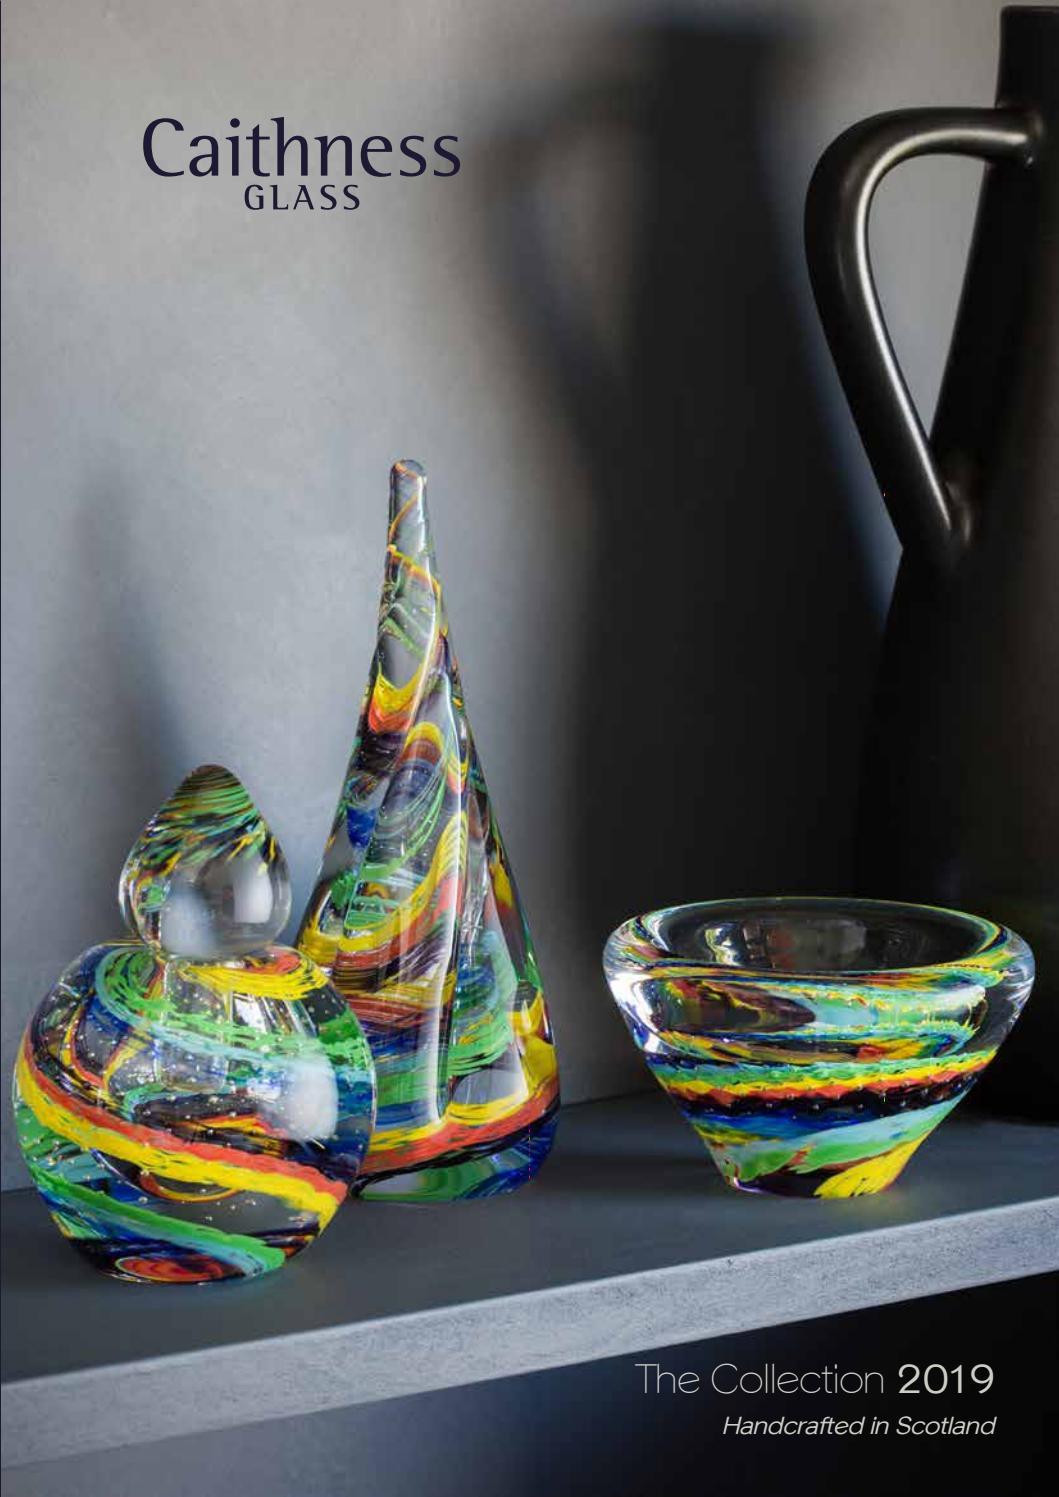 Caithness Glass U18035 Millefiori Stardust Blue Paperweight